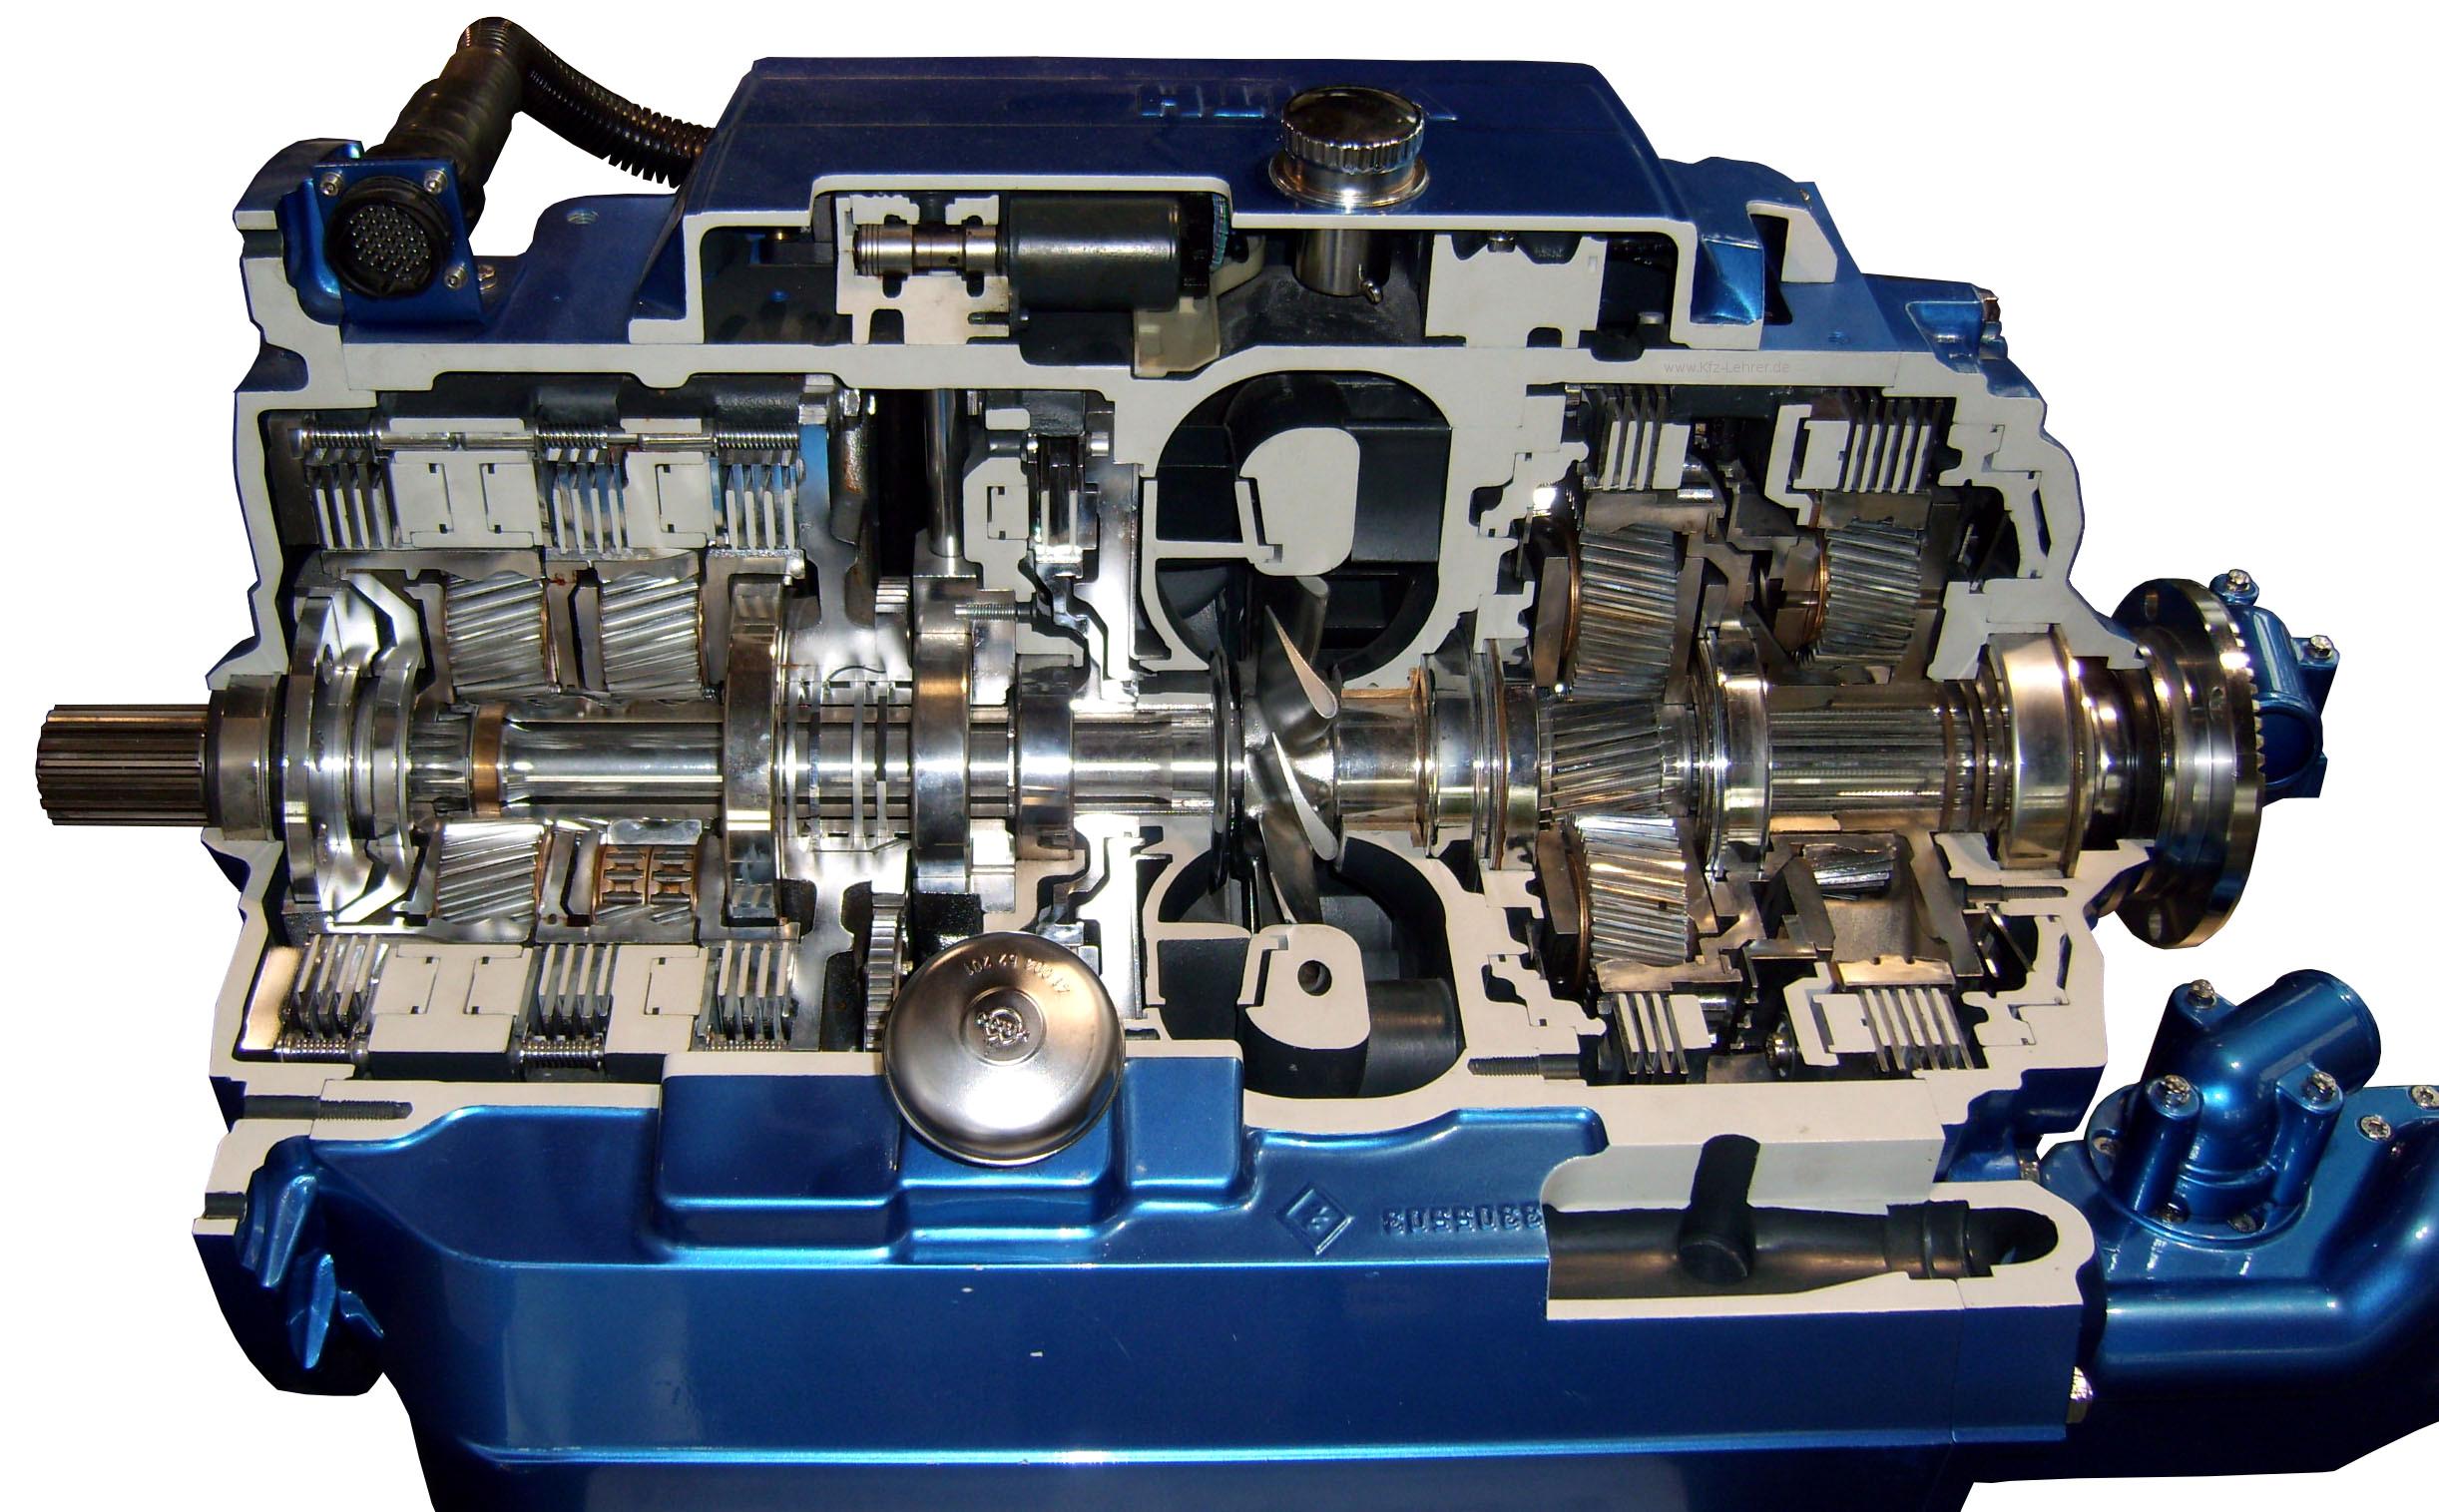 Schnittmodell eines Automatikgetriebes für einen Linienbus